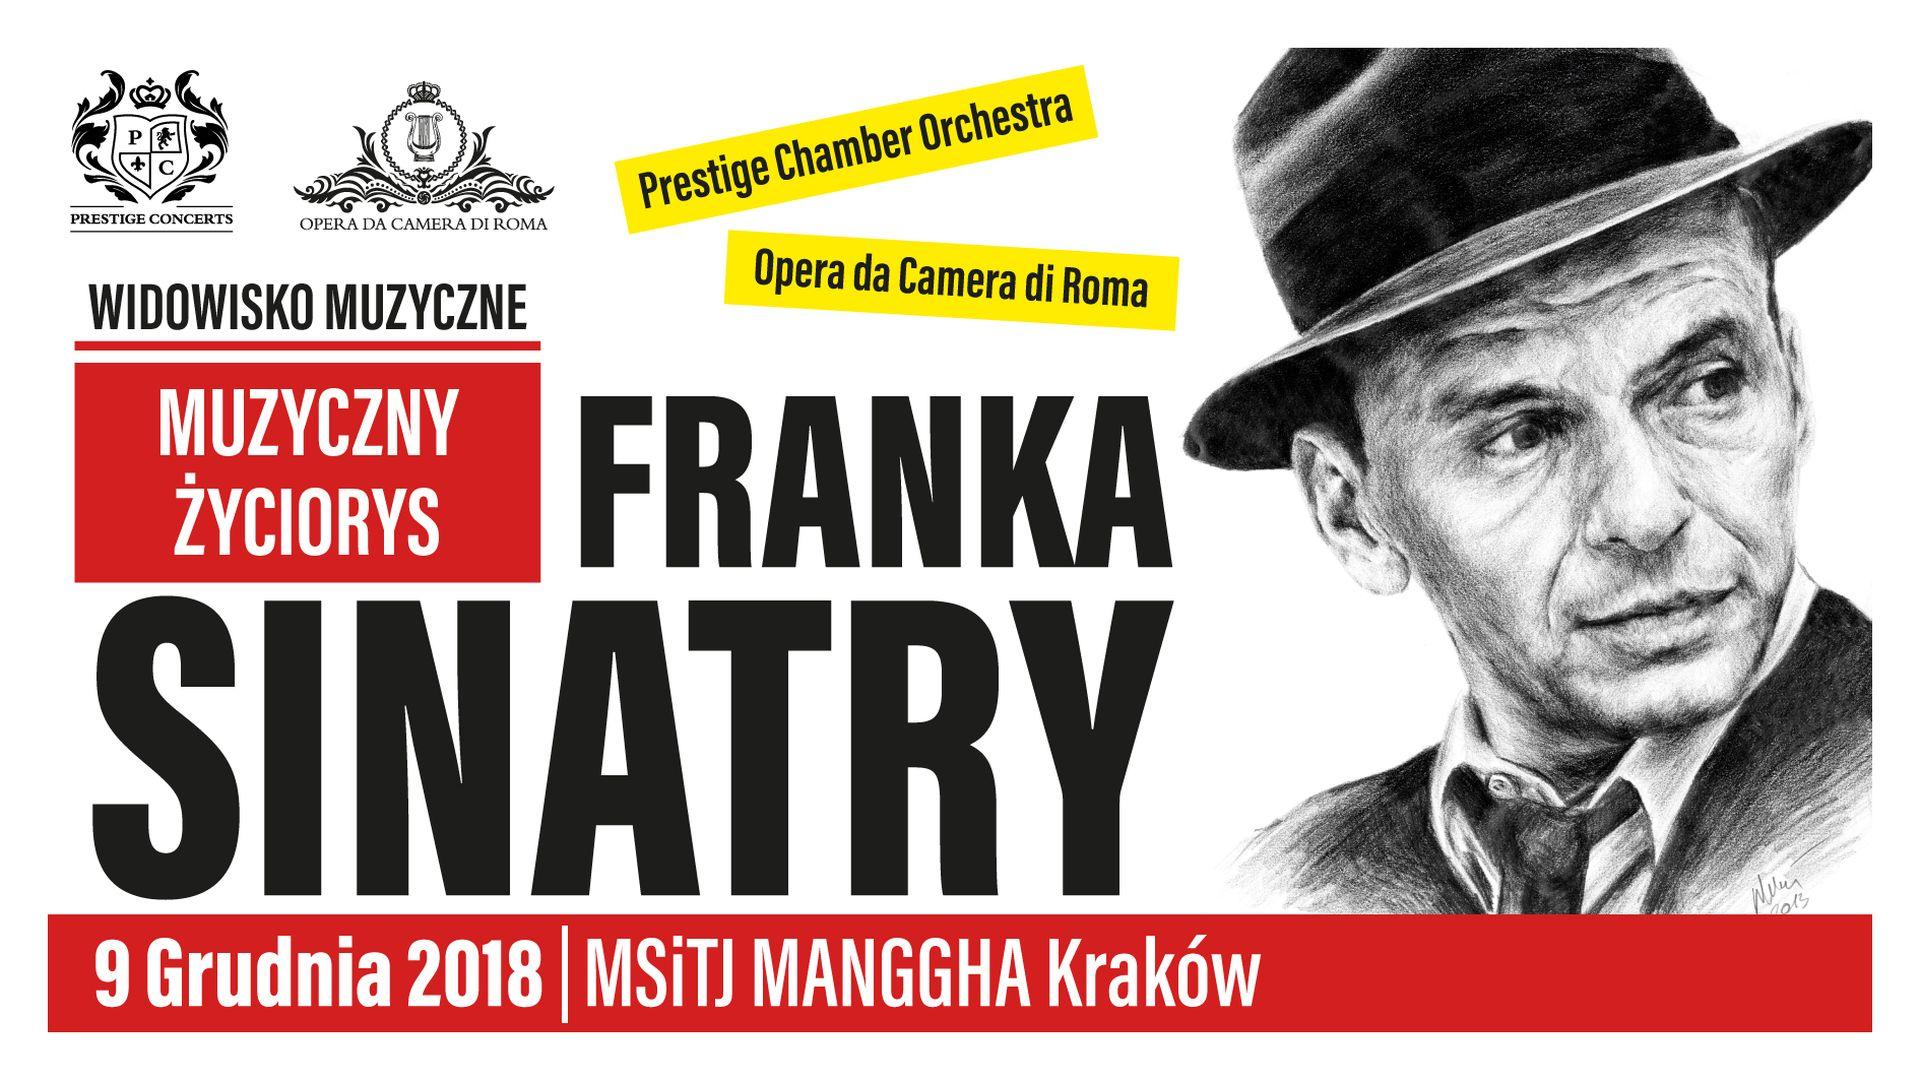 Bilety kolekcjonerskie - Muzyczny życiorys Franka Sinatry